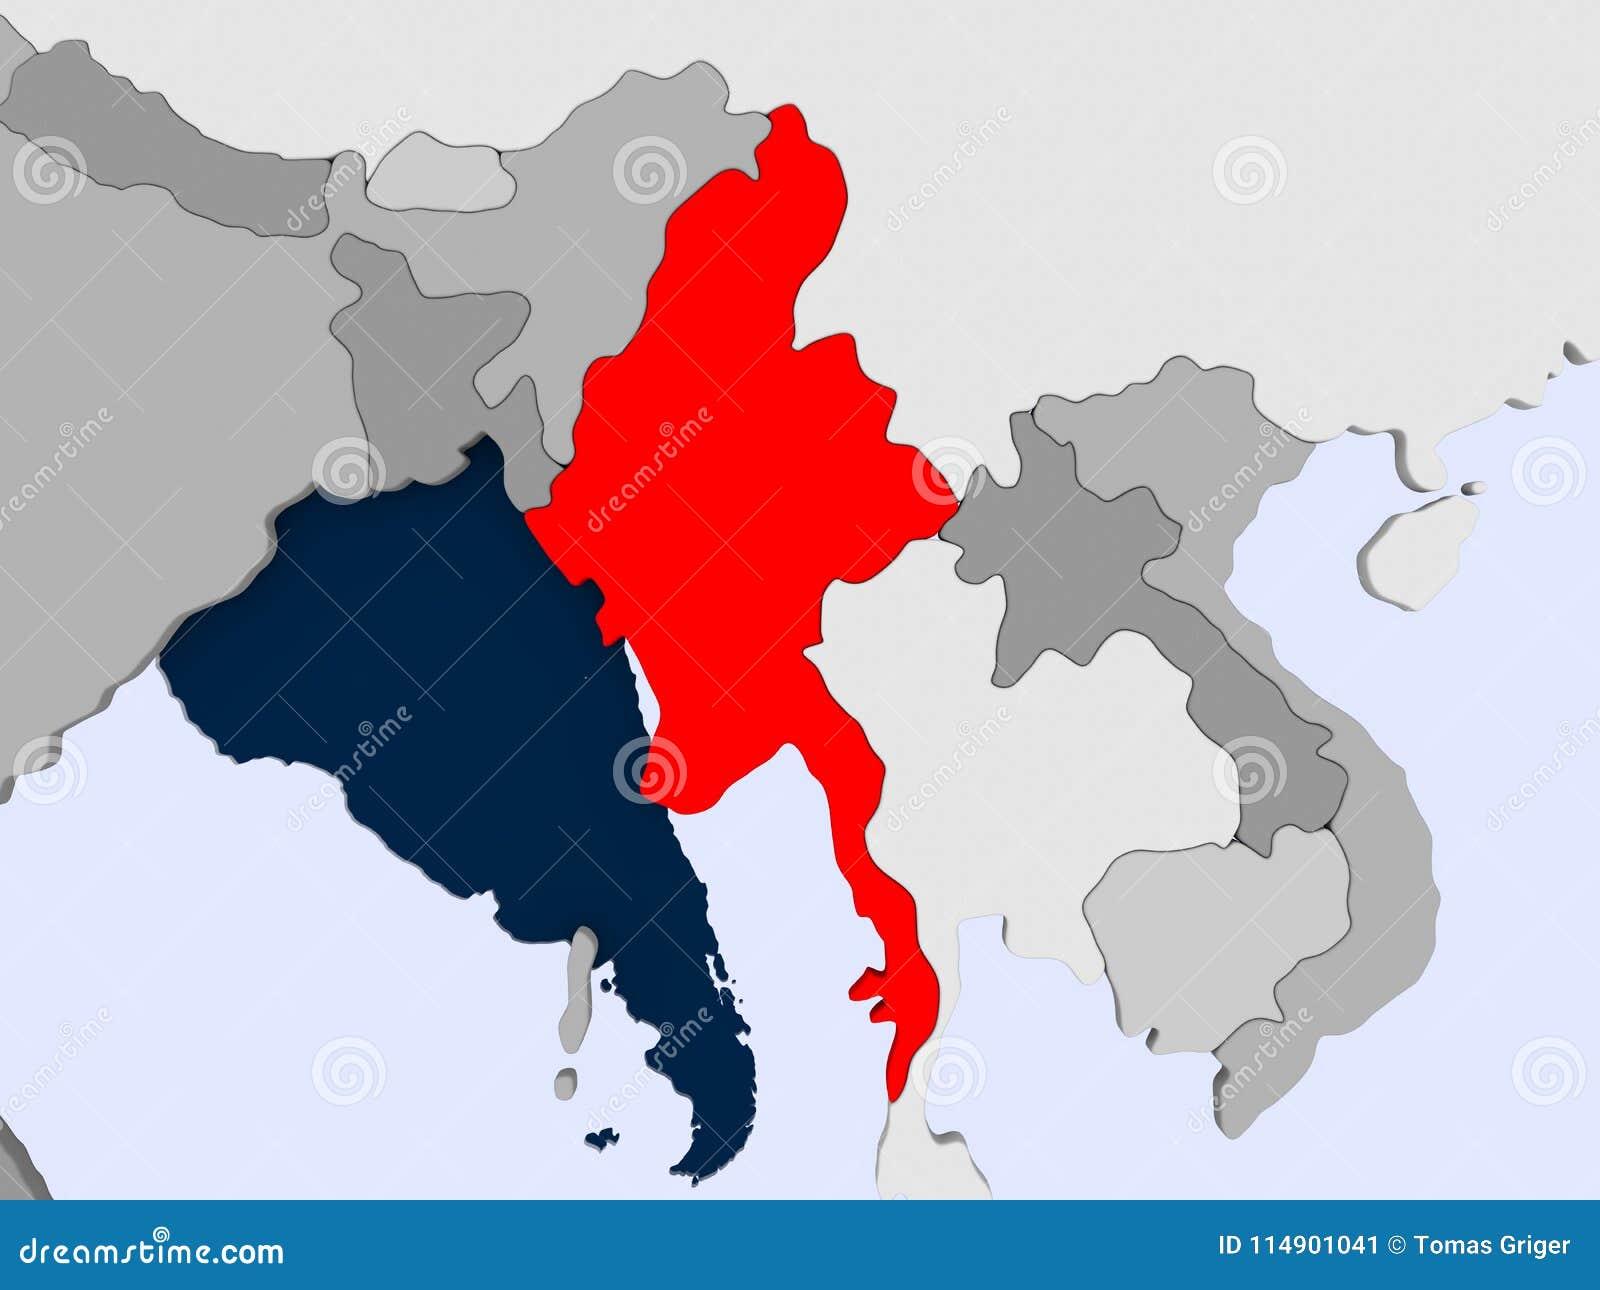 Karte Myanmar.Karte Von Myanmar Stock Abbildung Illustration Von Nachricht